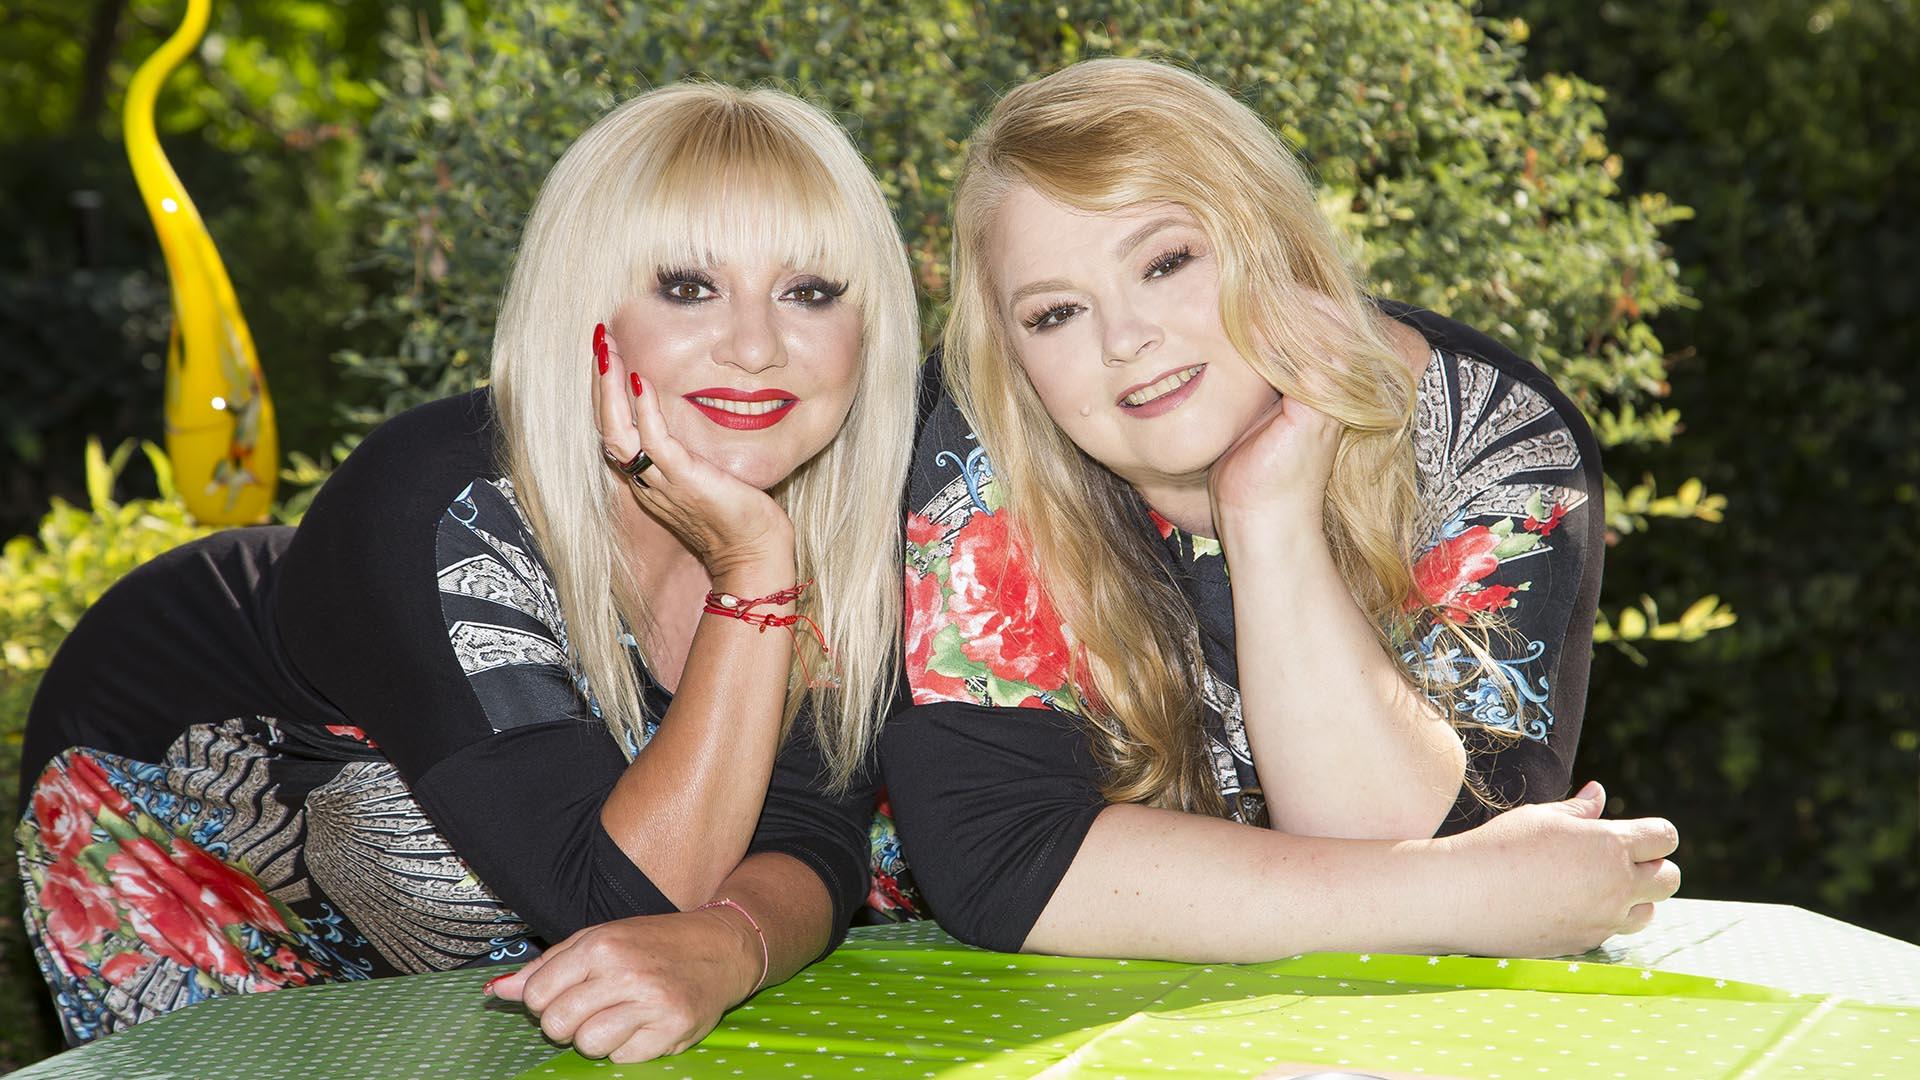 amerika család énekesnő féltestvérek holczhaffer csaba new york testvér testvéri kapcsolat zoltán erika zoltán erika húga